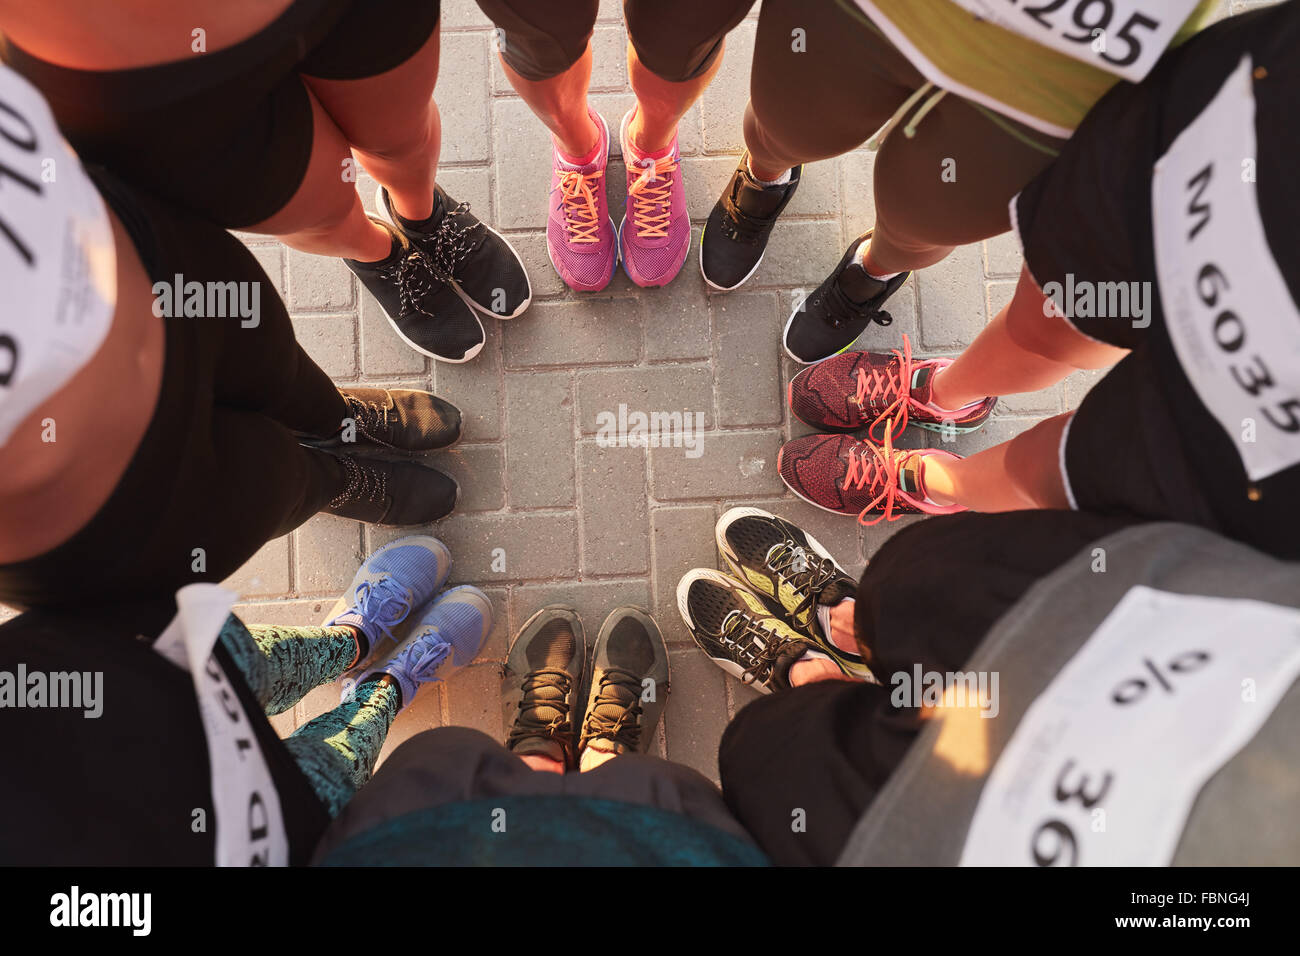 Vista superior de los pies de la gente de pie en un círculo. Los corredores de pie en un grupito con los pies Imagen De Stock